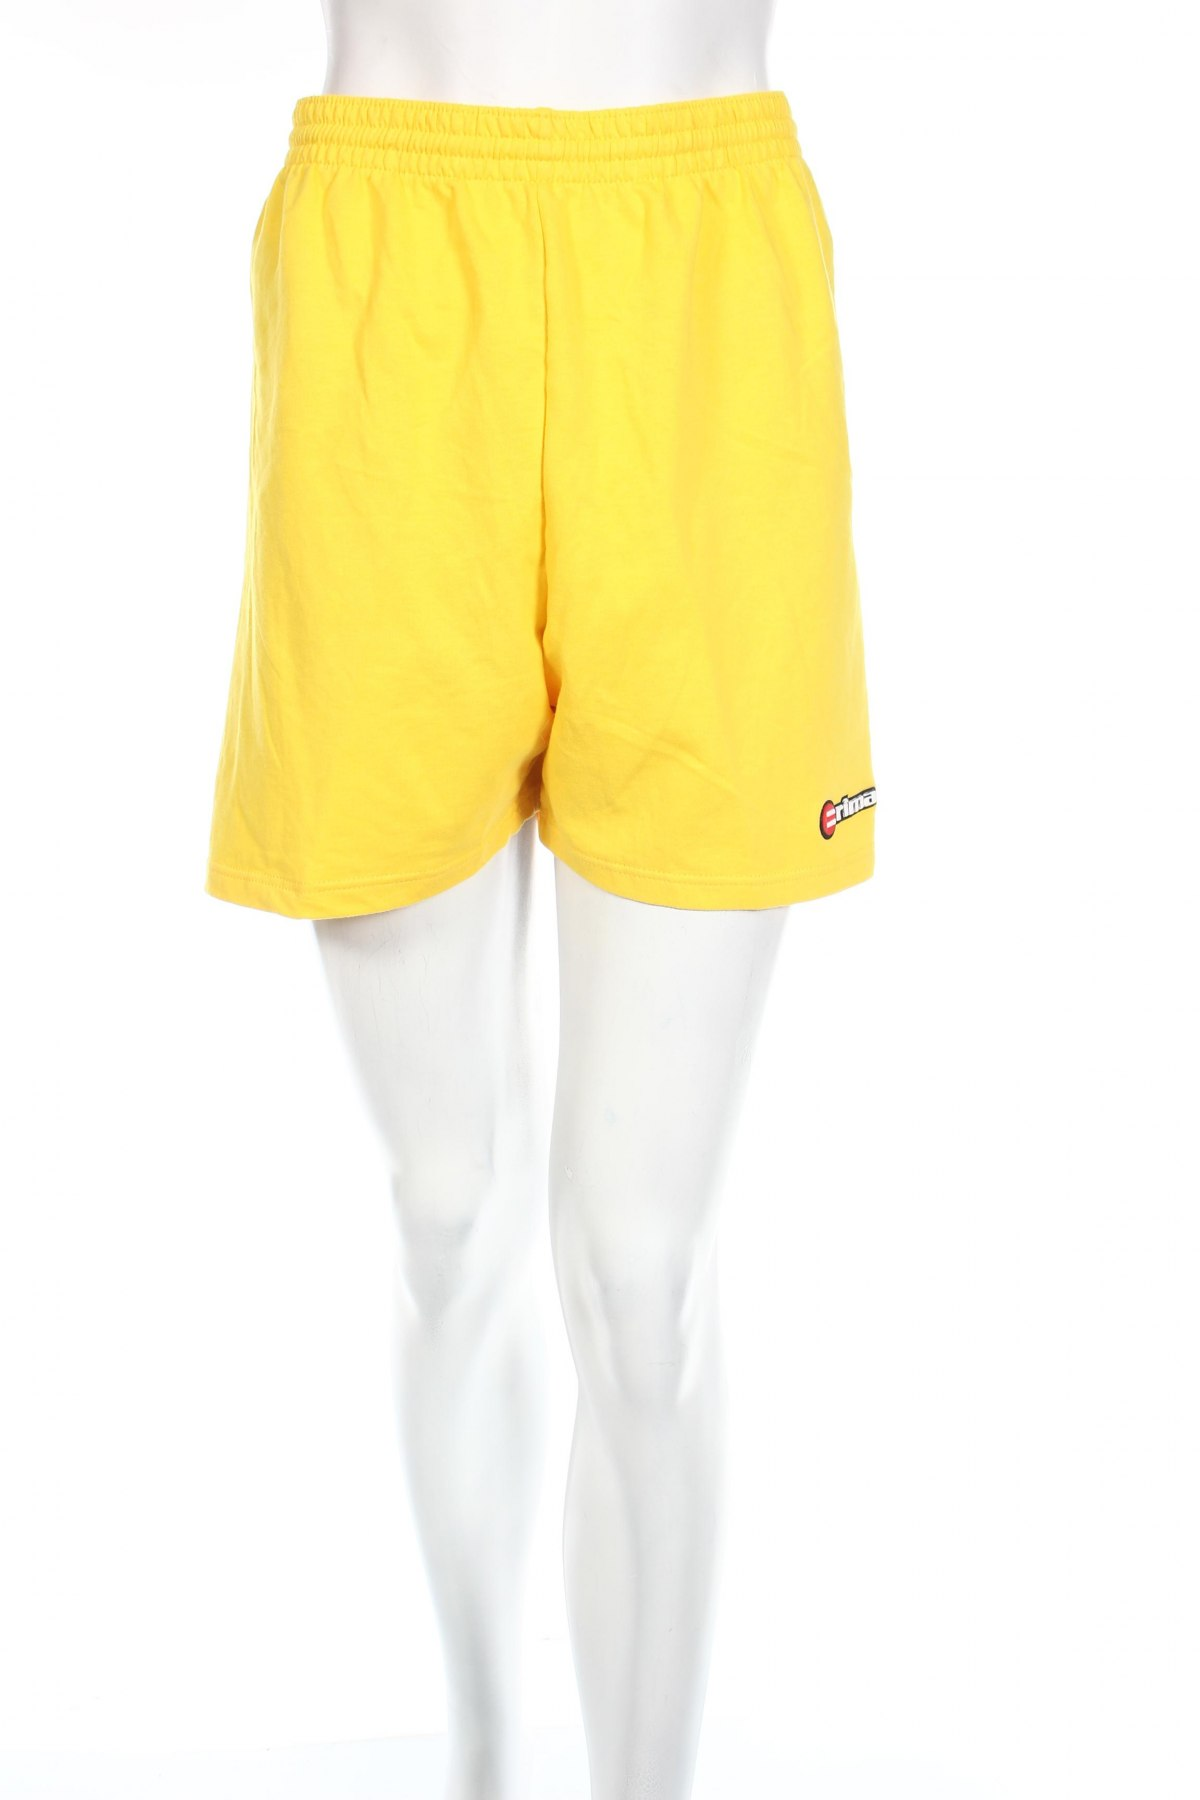 Дамски къс панталон Erima, Размер L, Цвят Жълт, 70% памук, 30% полиестер, Цена 3,06лв.